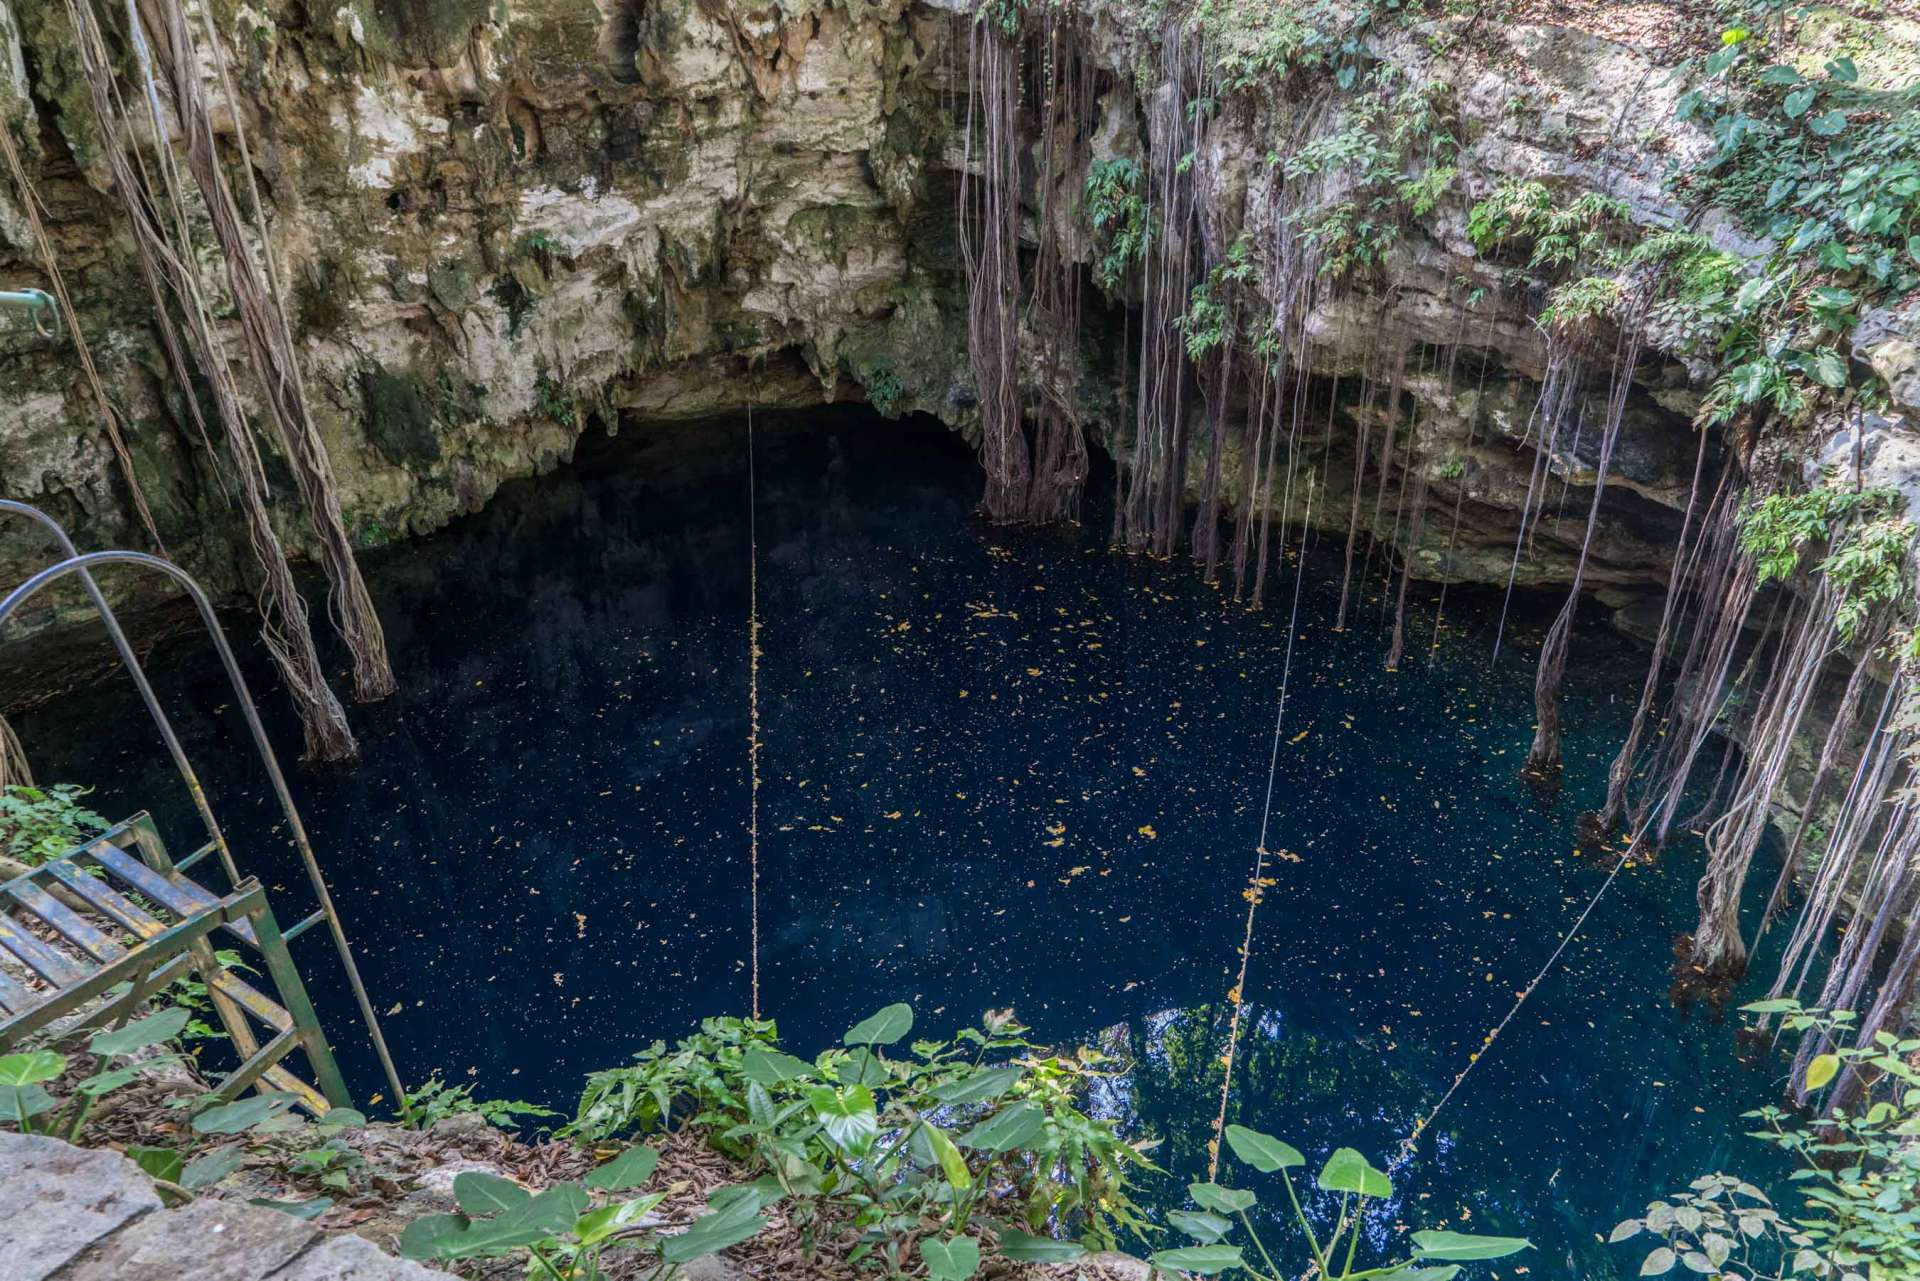 Cenote LOL-HA yucatan mexico